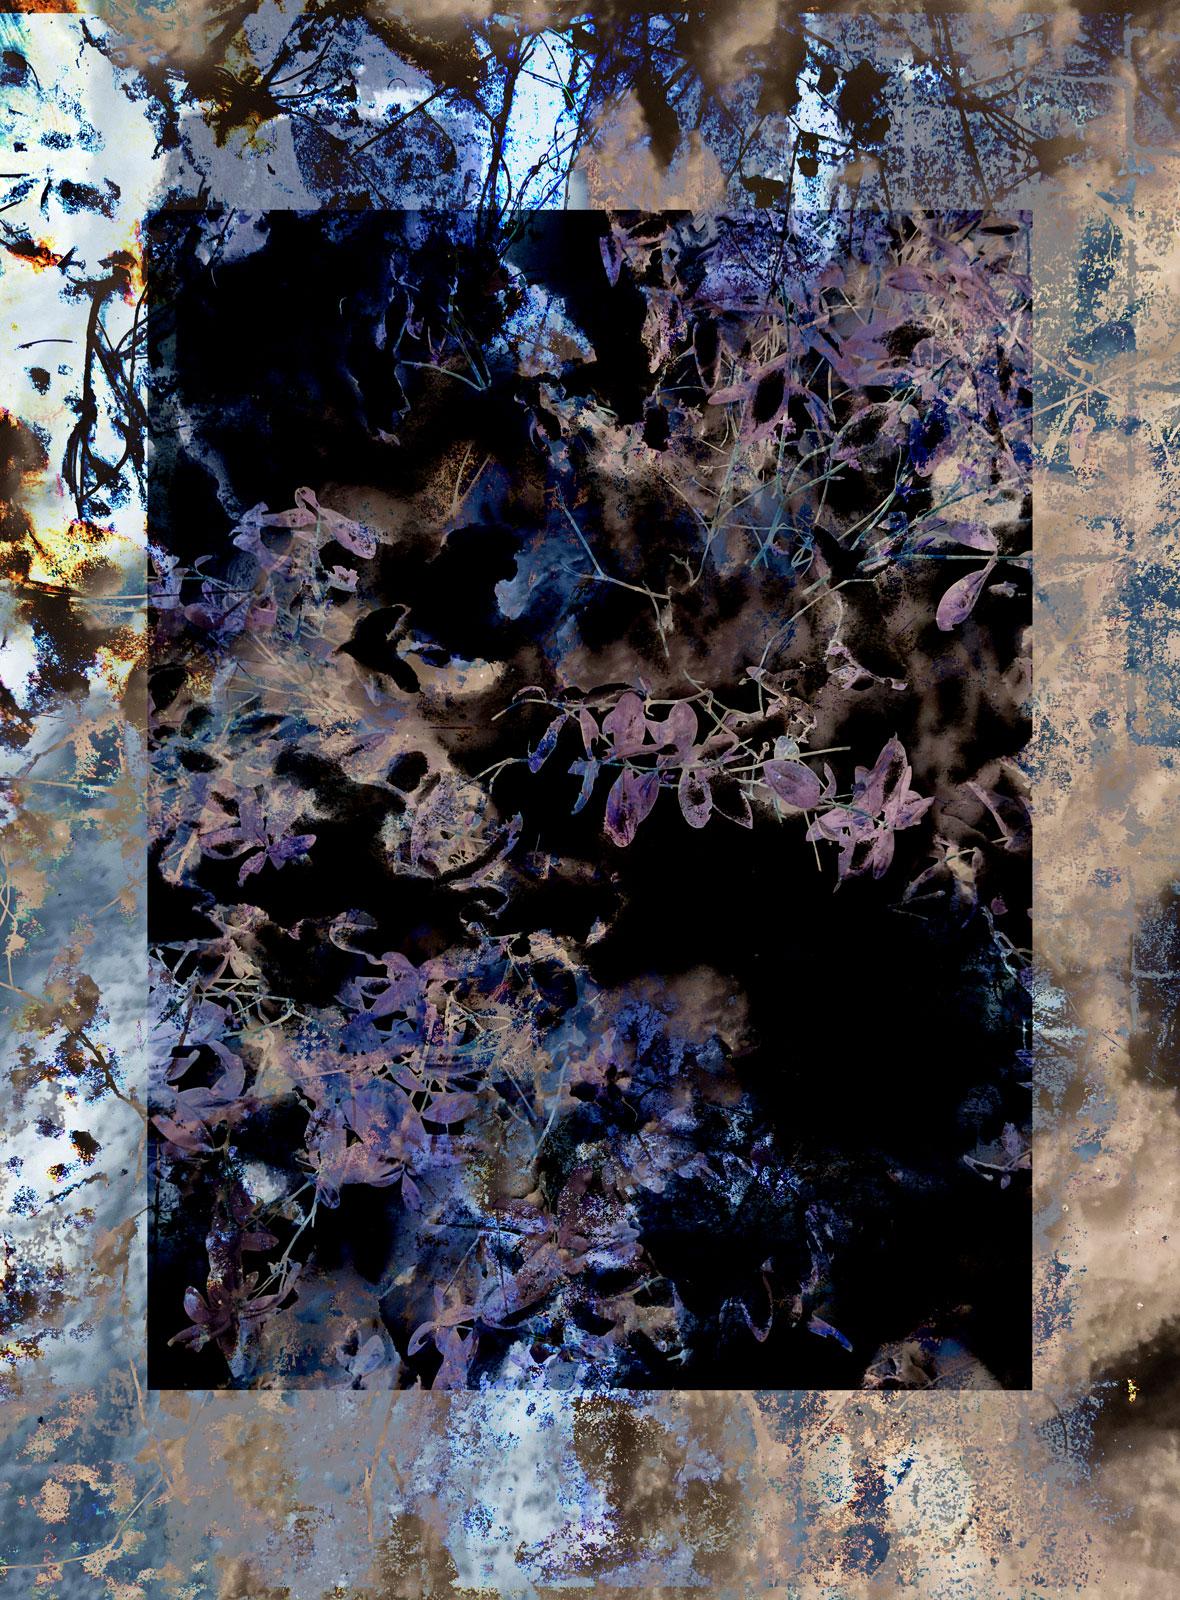 Elemental Frost N09 - Neuron • 90 x 122 cm (35.43 x 48.03 in)